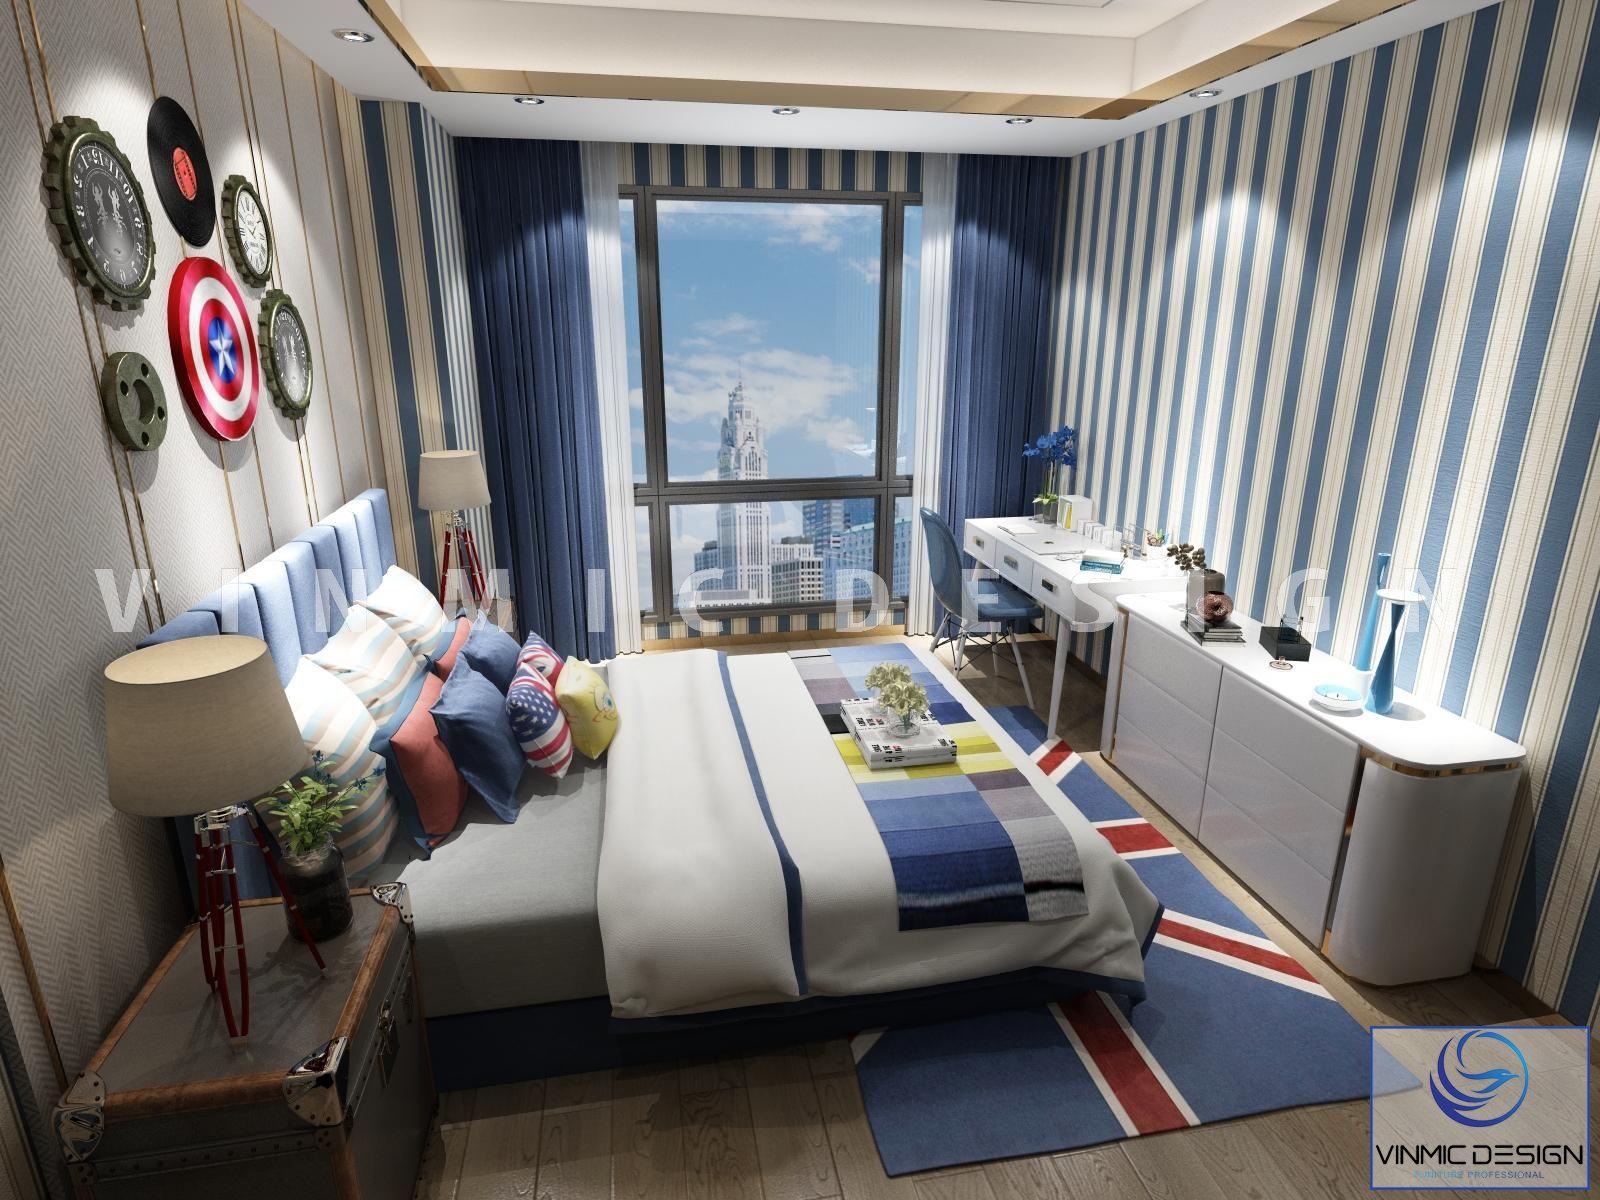 Thiết kế nội thất phòng ngủ cho bé trai đầy hoài bão, ước mơ bay xa